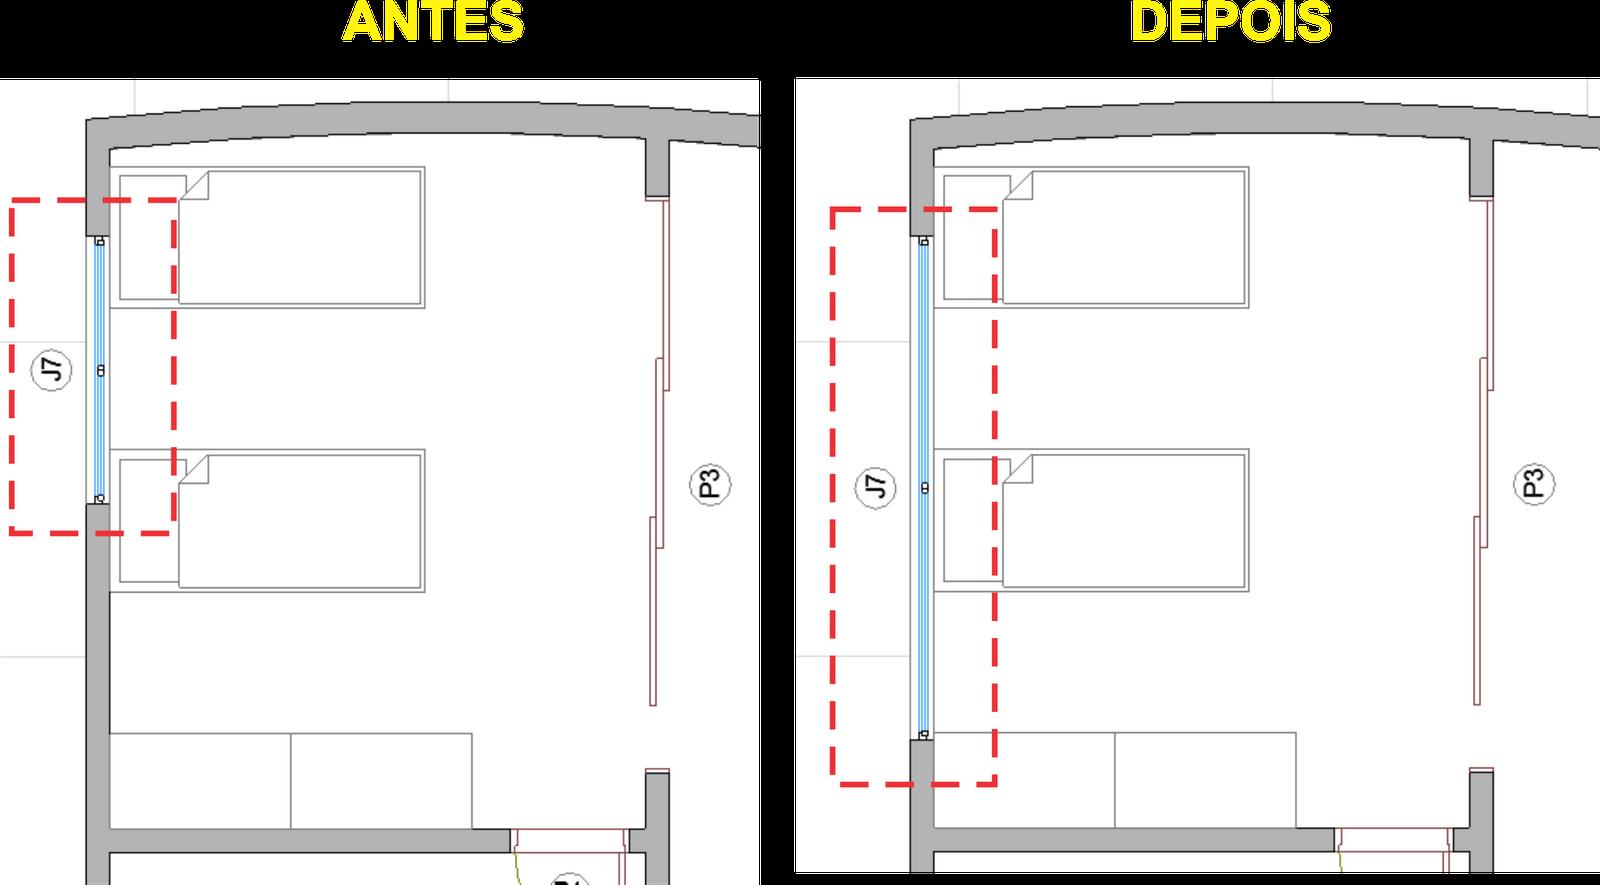 Imagens de #CCC200 Os elementos das construção podem ser modificados a qualquer 1600x885 px 3386 Bloco Cad Janela De Banheiro